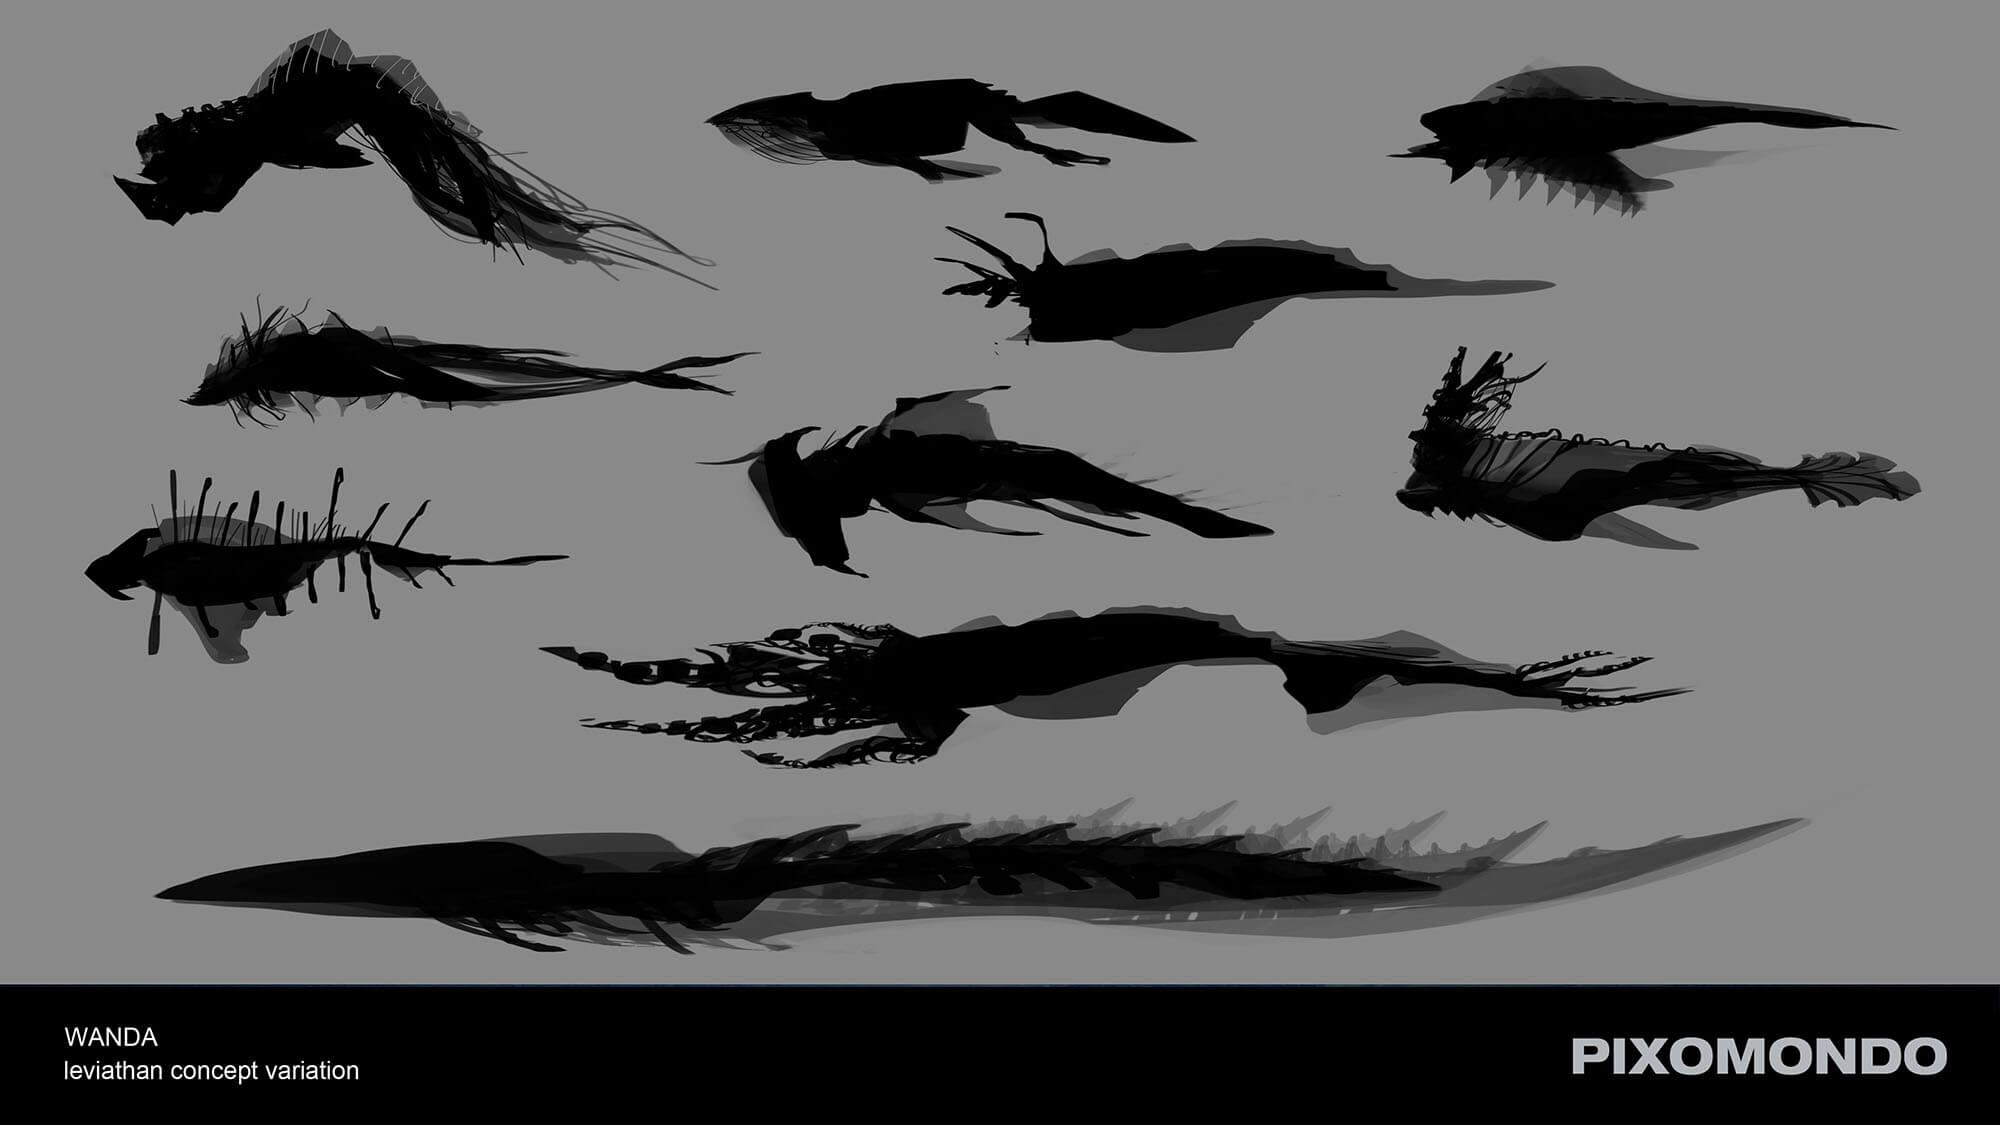 creature-concept-wanda-pixomondo-felix-botho-haas-leviathan-v001a